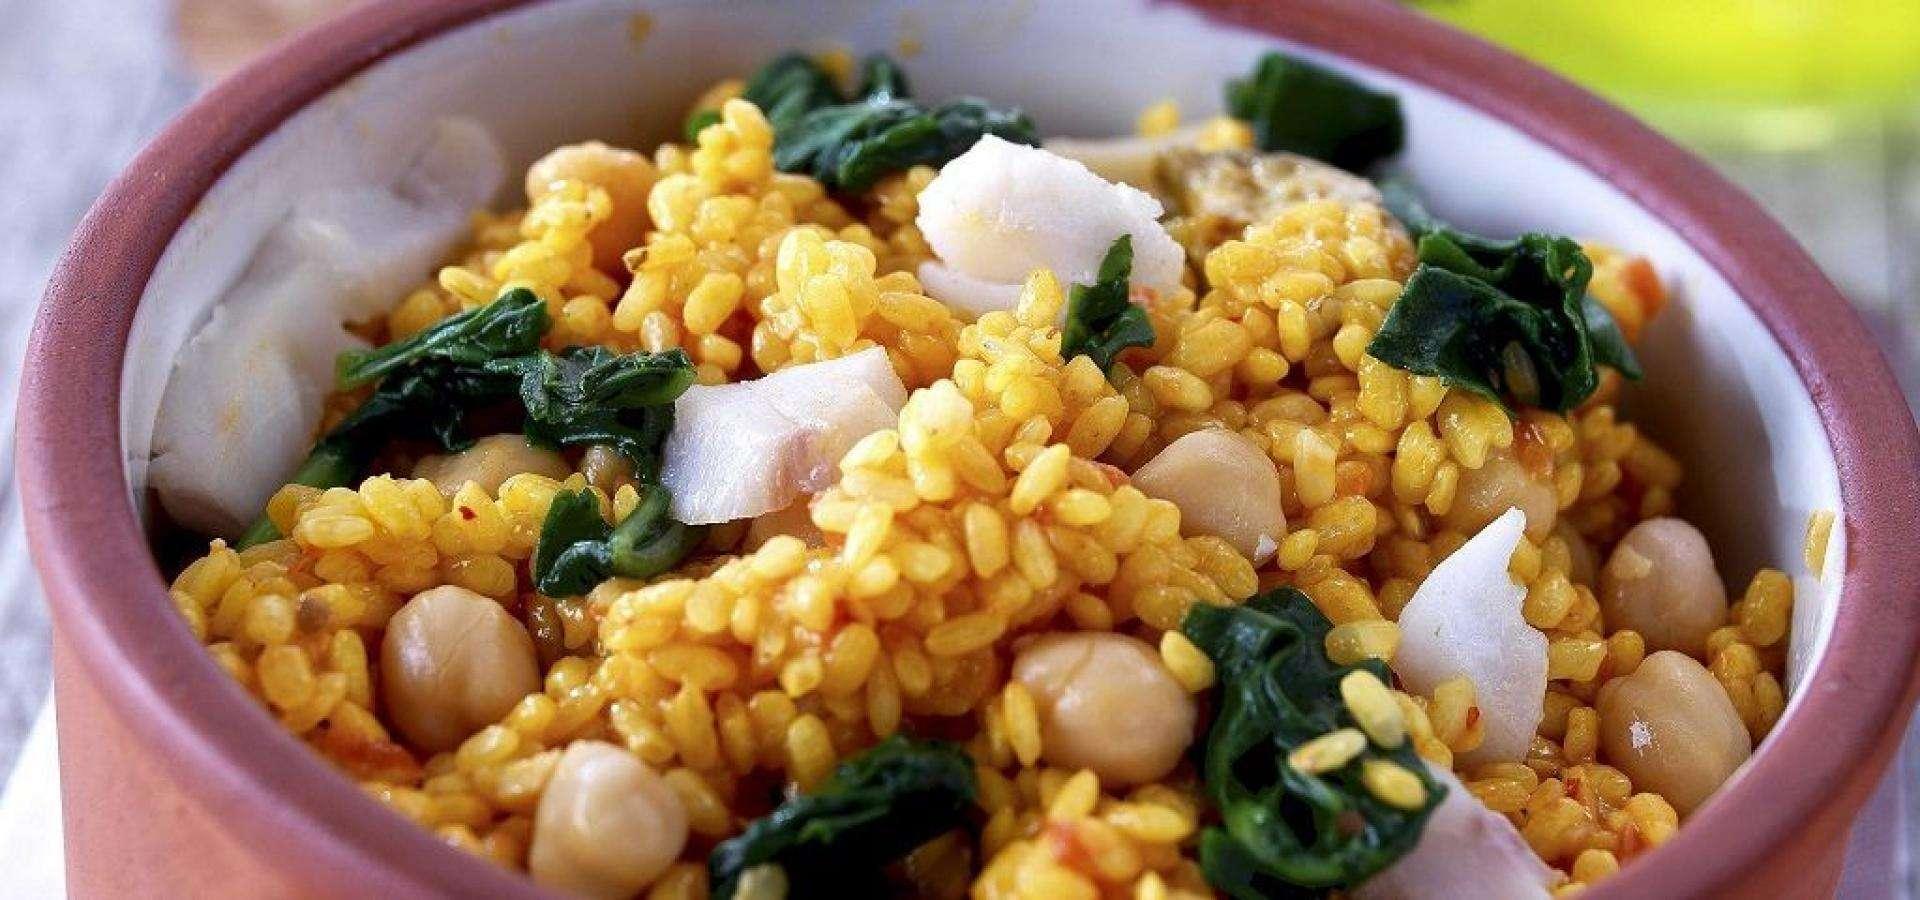 Receta de arroz con espinacas, garbanzos y bacalao